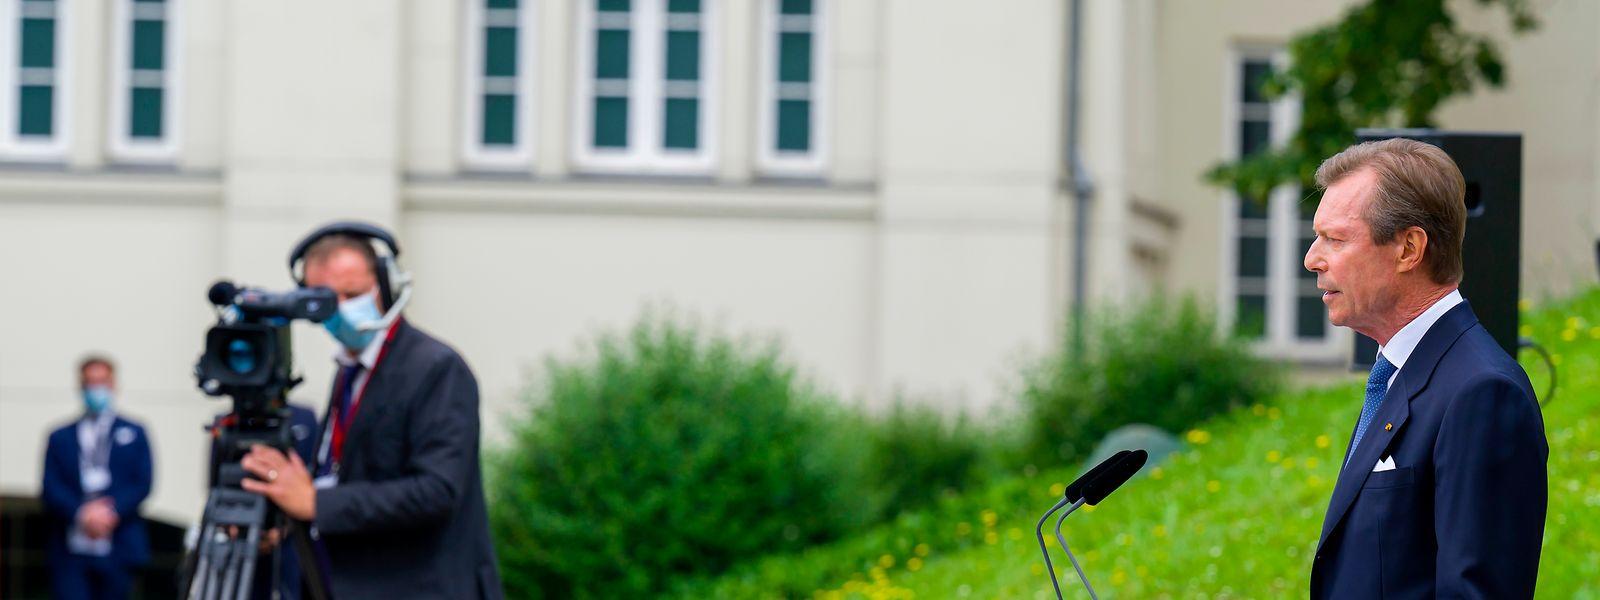 Le Grand-Duc a invité tout un chacun à «s'appuyer sur les faits et la vérité», ainsi que sur «la solidarité transfrontalière» qu'a engendrée le covid.